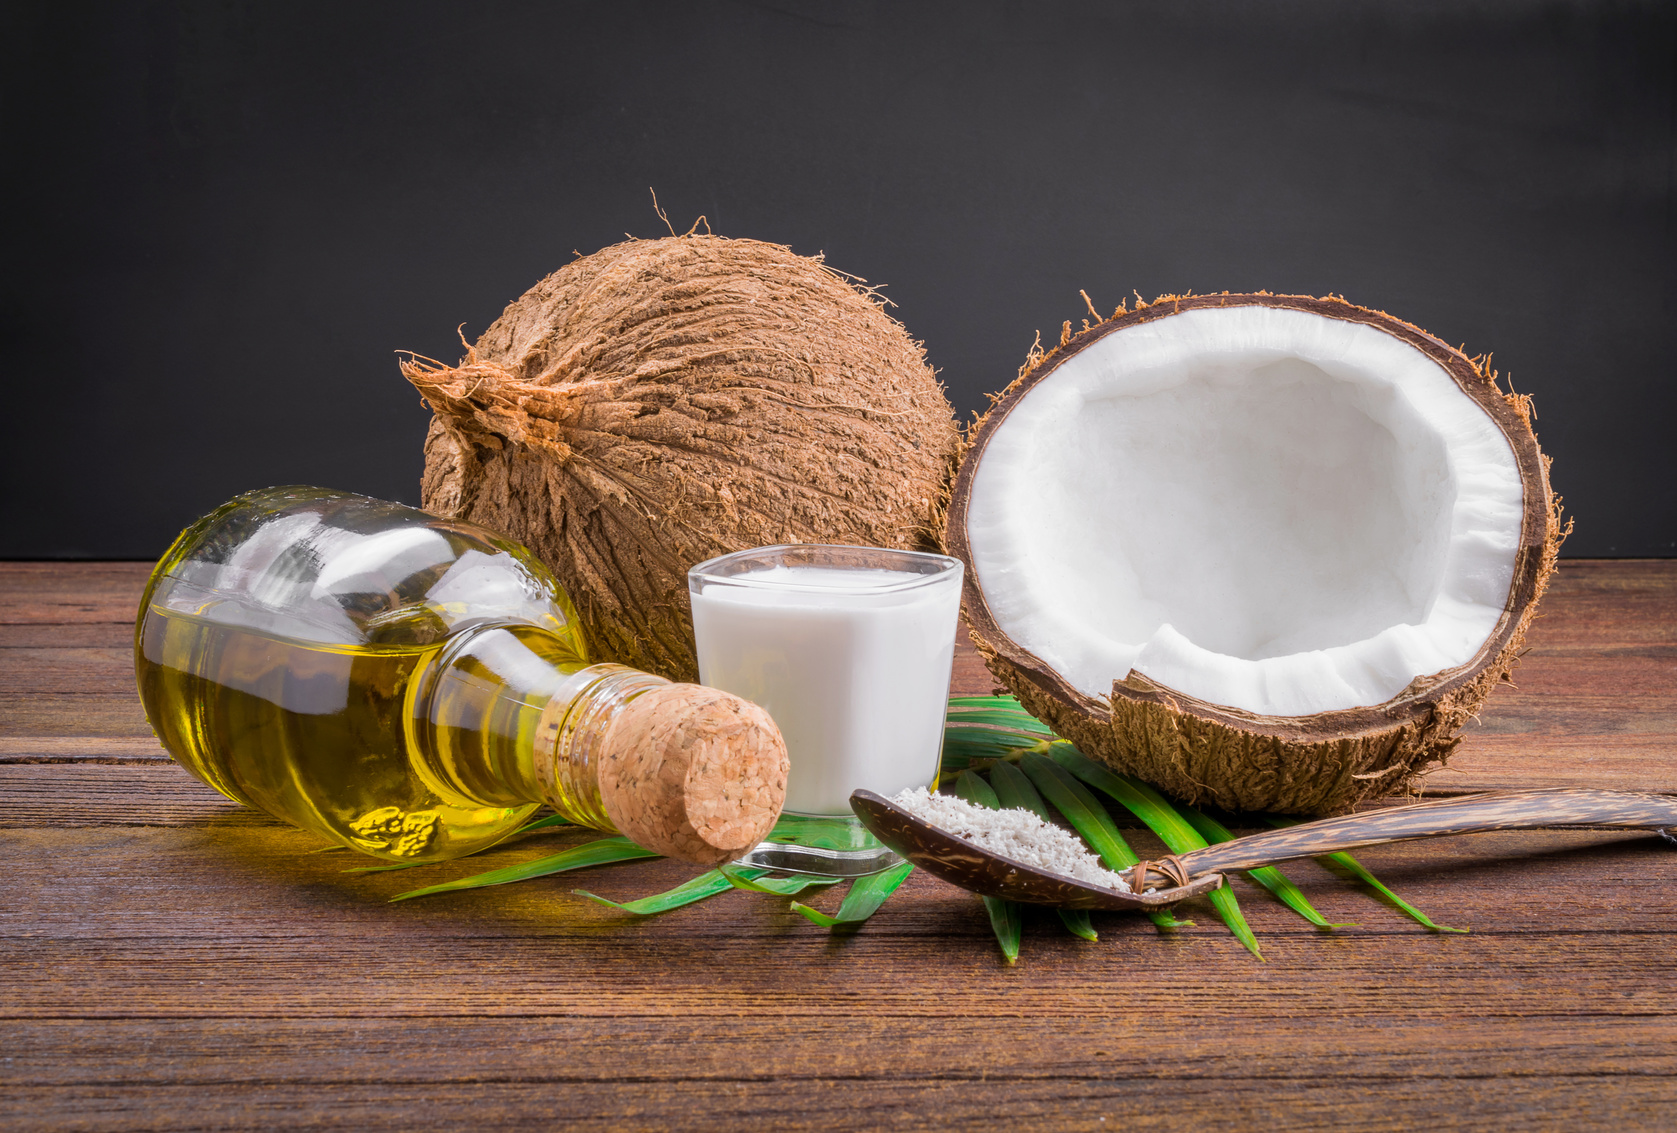 Kokosnuss zum Abnehmen